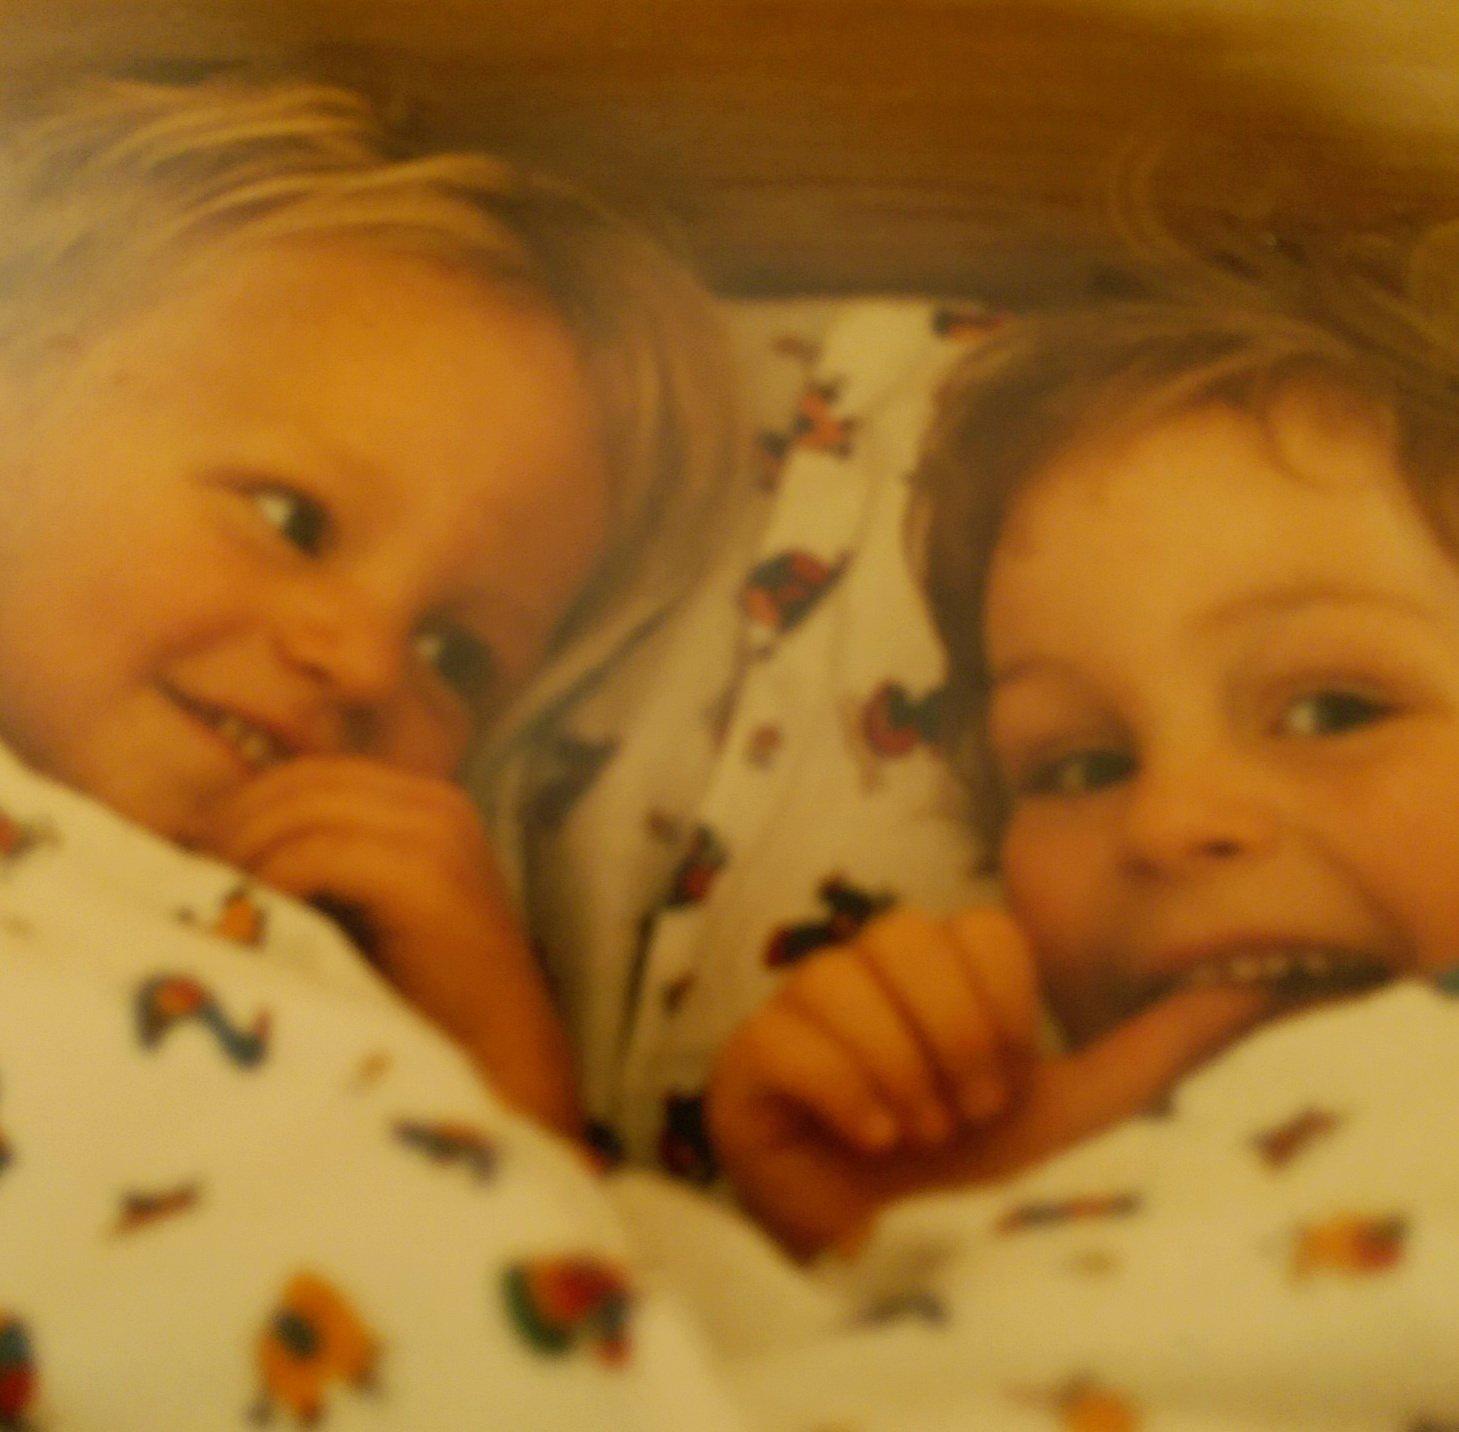 Kinderwunsch Spermienqualität Und Fruchtbarkeit Natürlich: Kinderwunsch